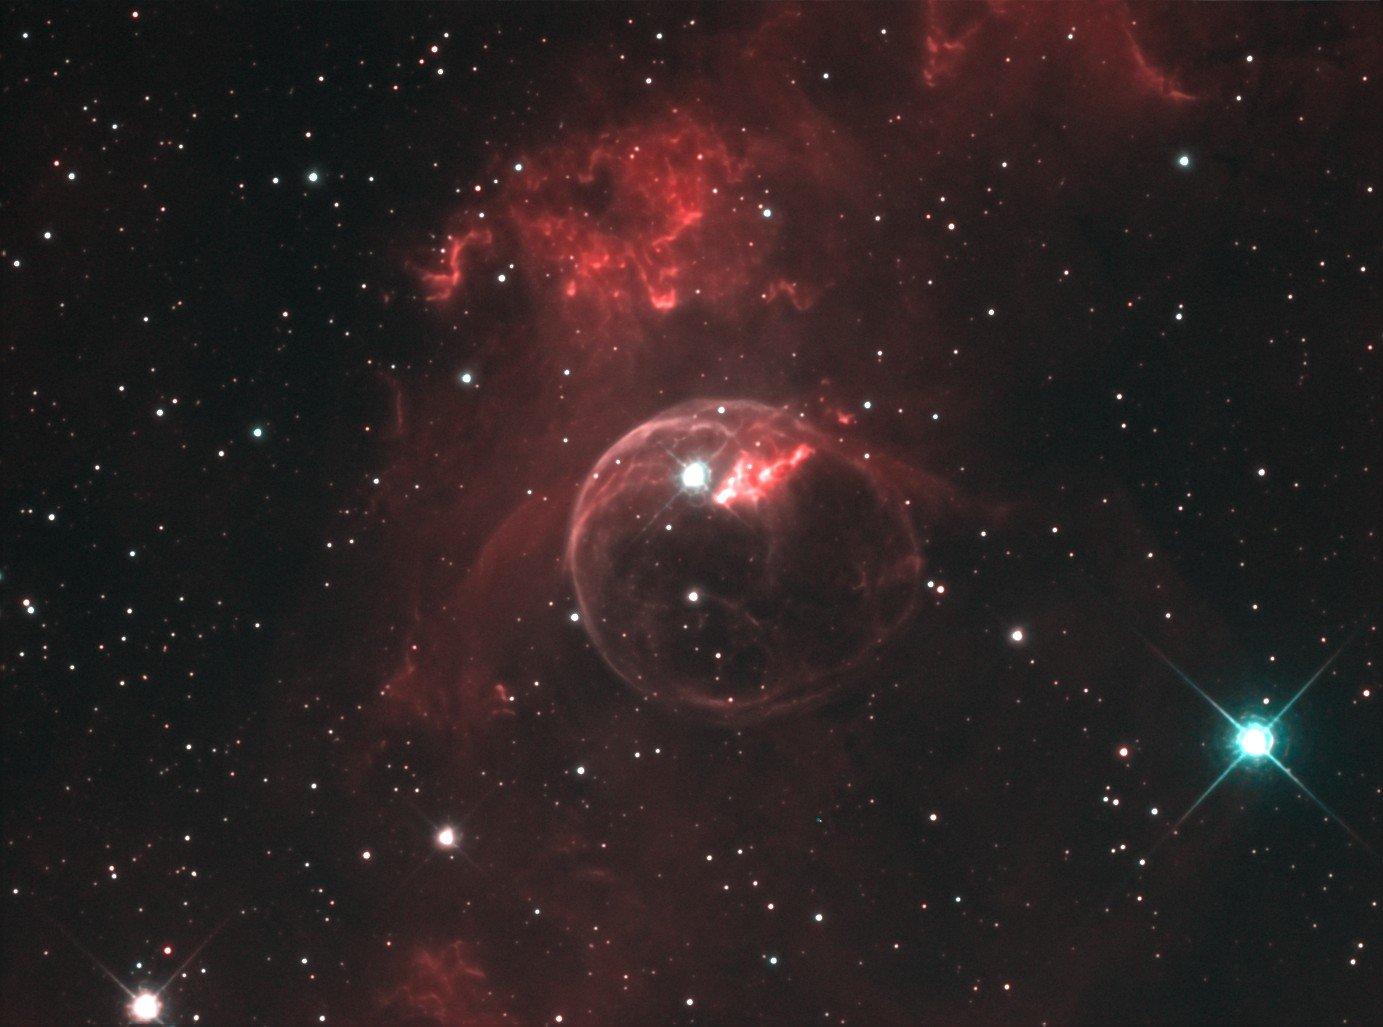 Immagini belle spazio cielo notturno nasa astronomia for Immagini universo gratis